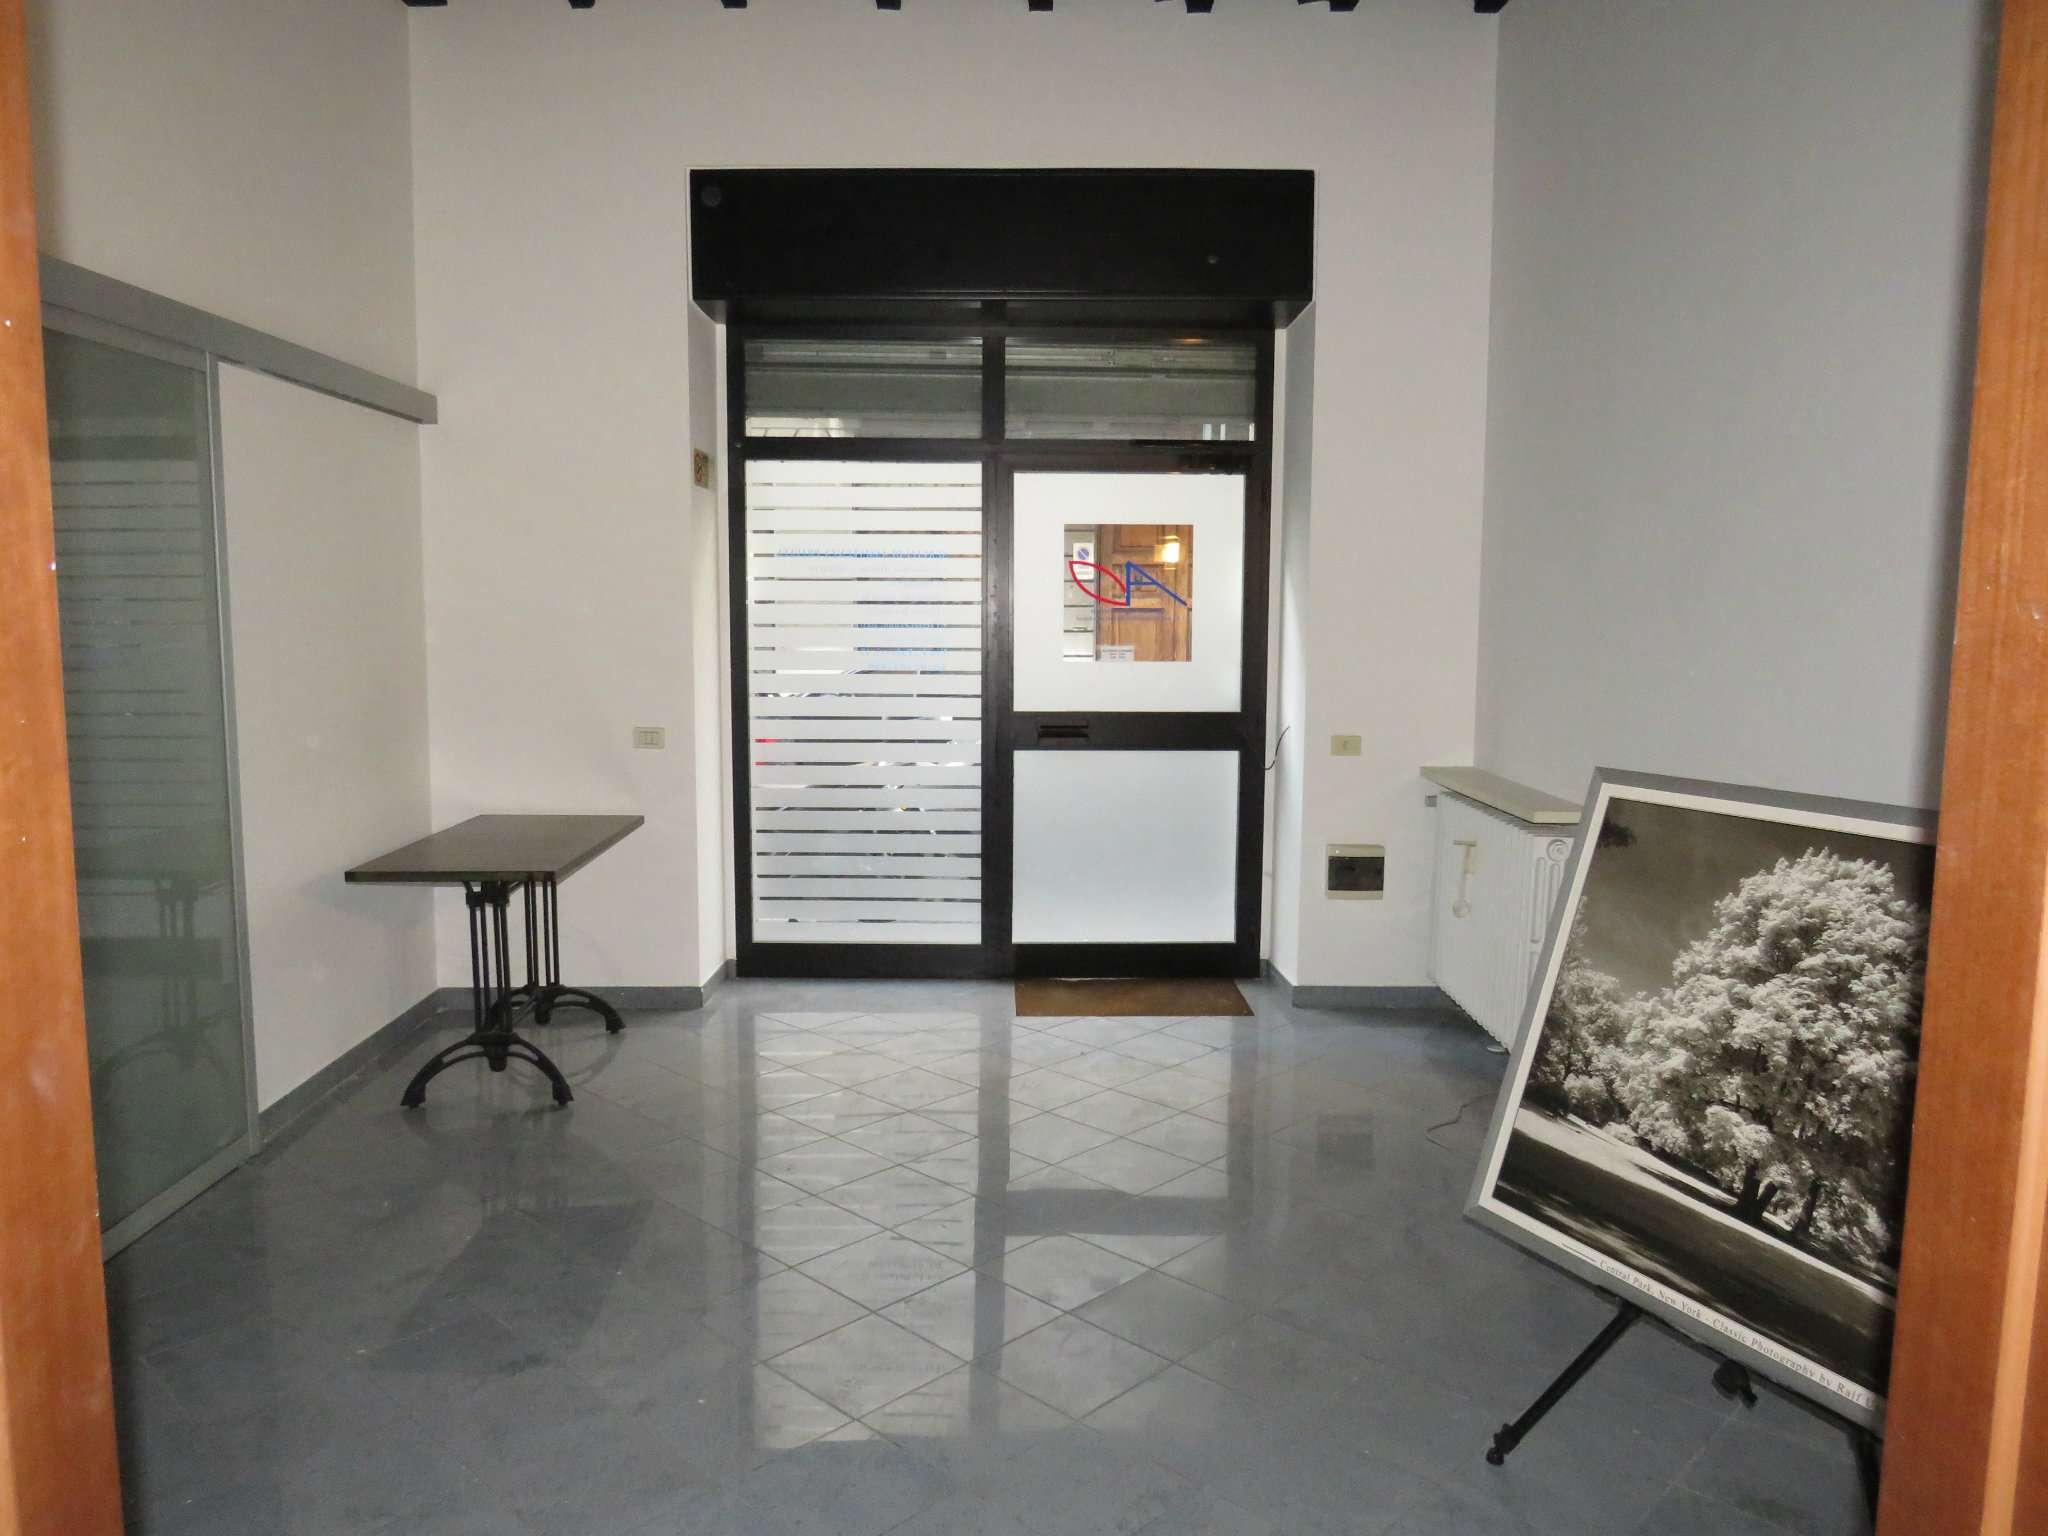 Ufficio-studio in Affitto a Milano 03 Venezia / Piave / Buenos Aires: 4 locali, 80 mq